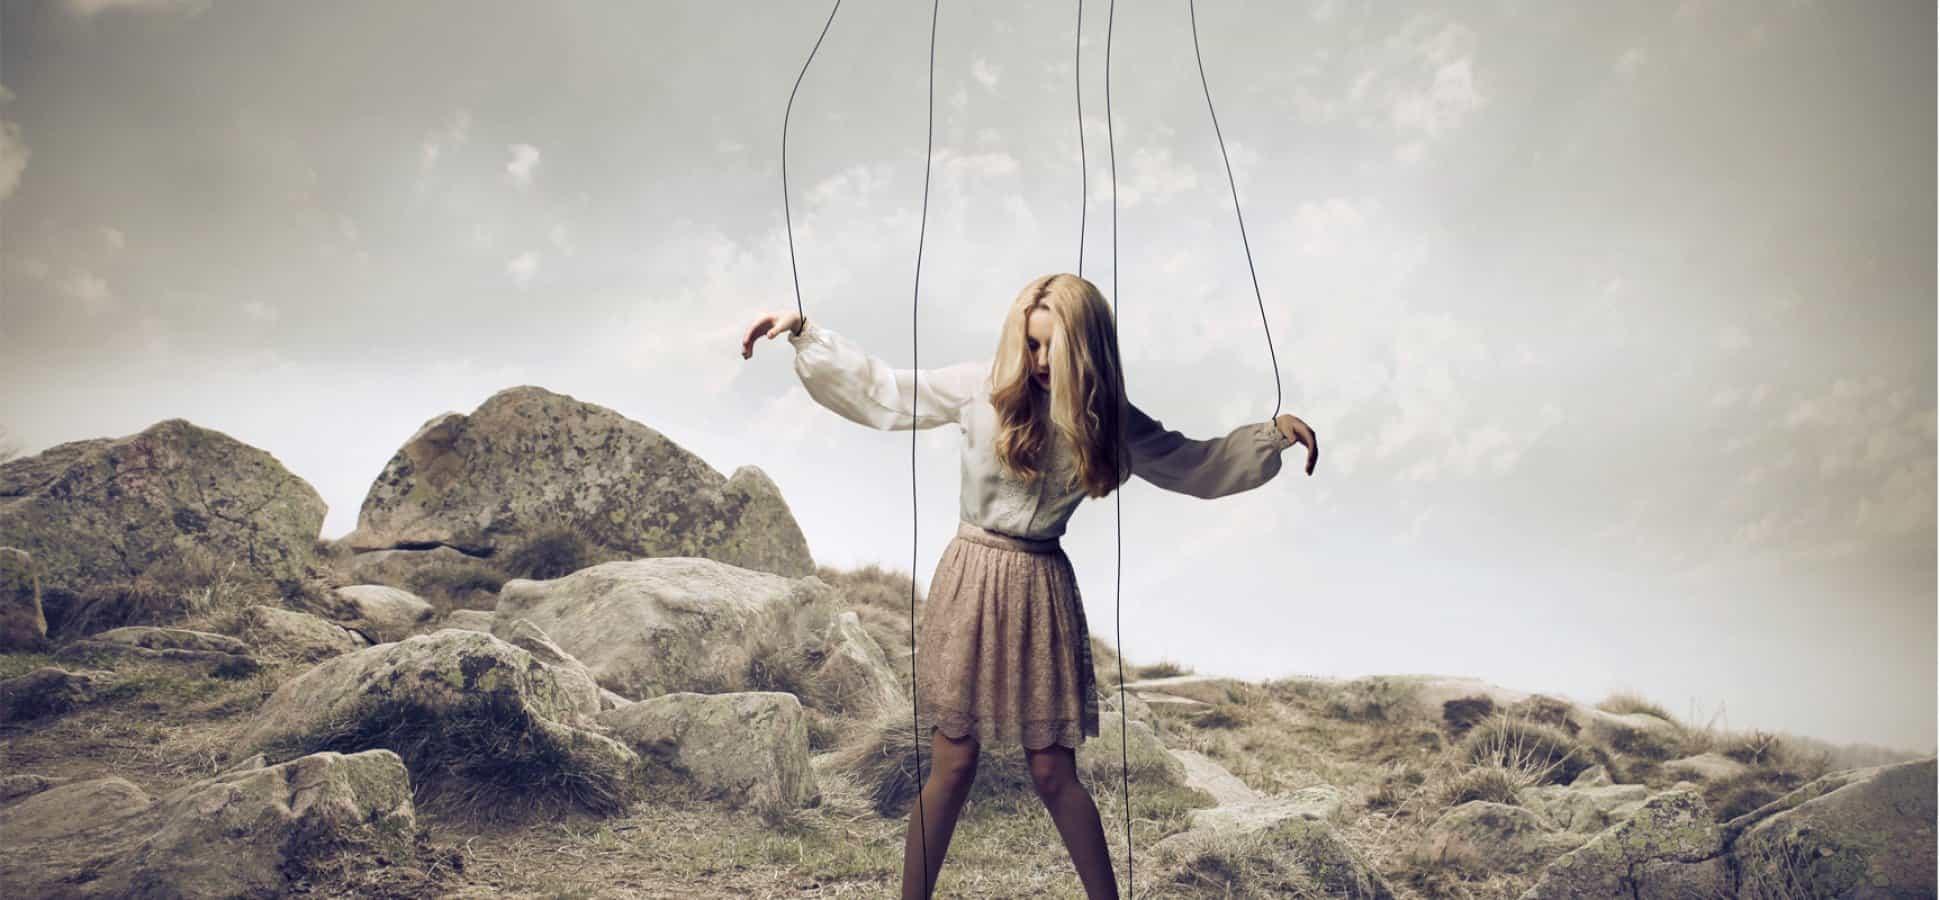 уныние провоцирует потеря смысла жизни